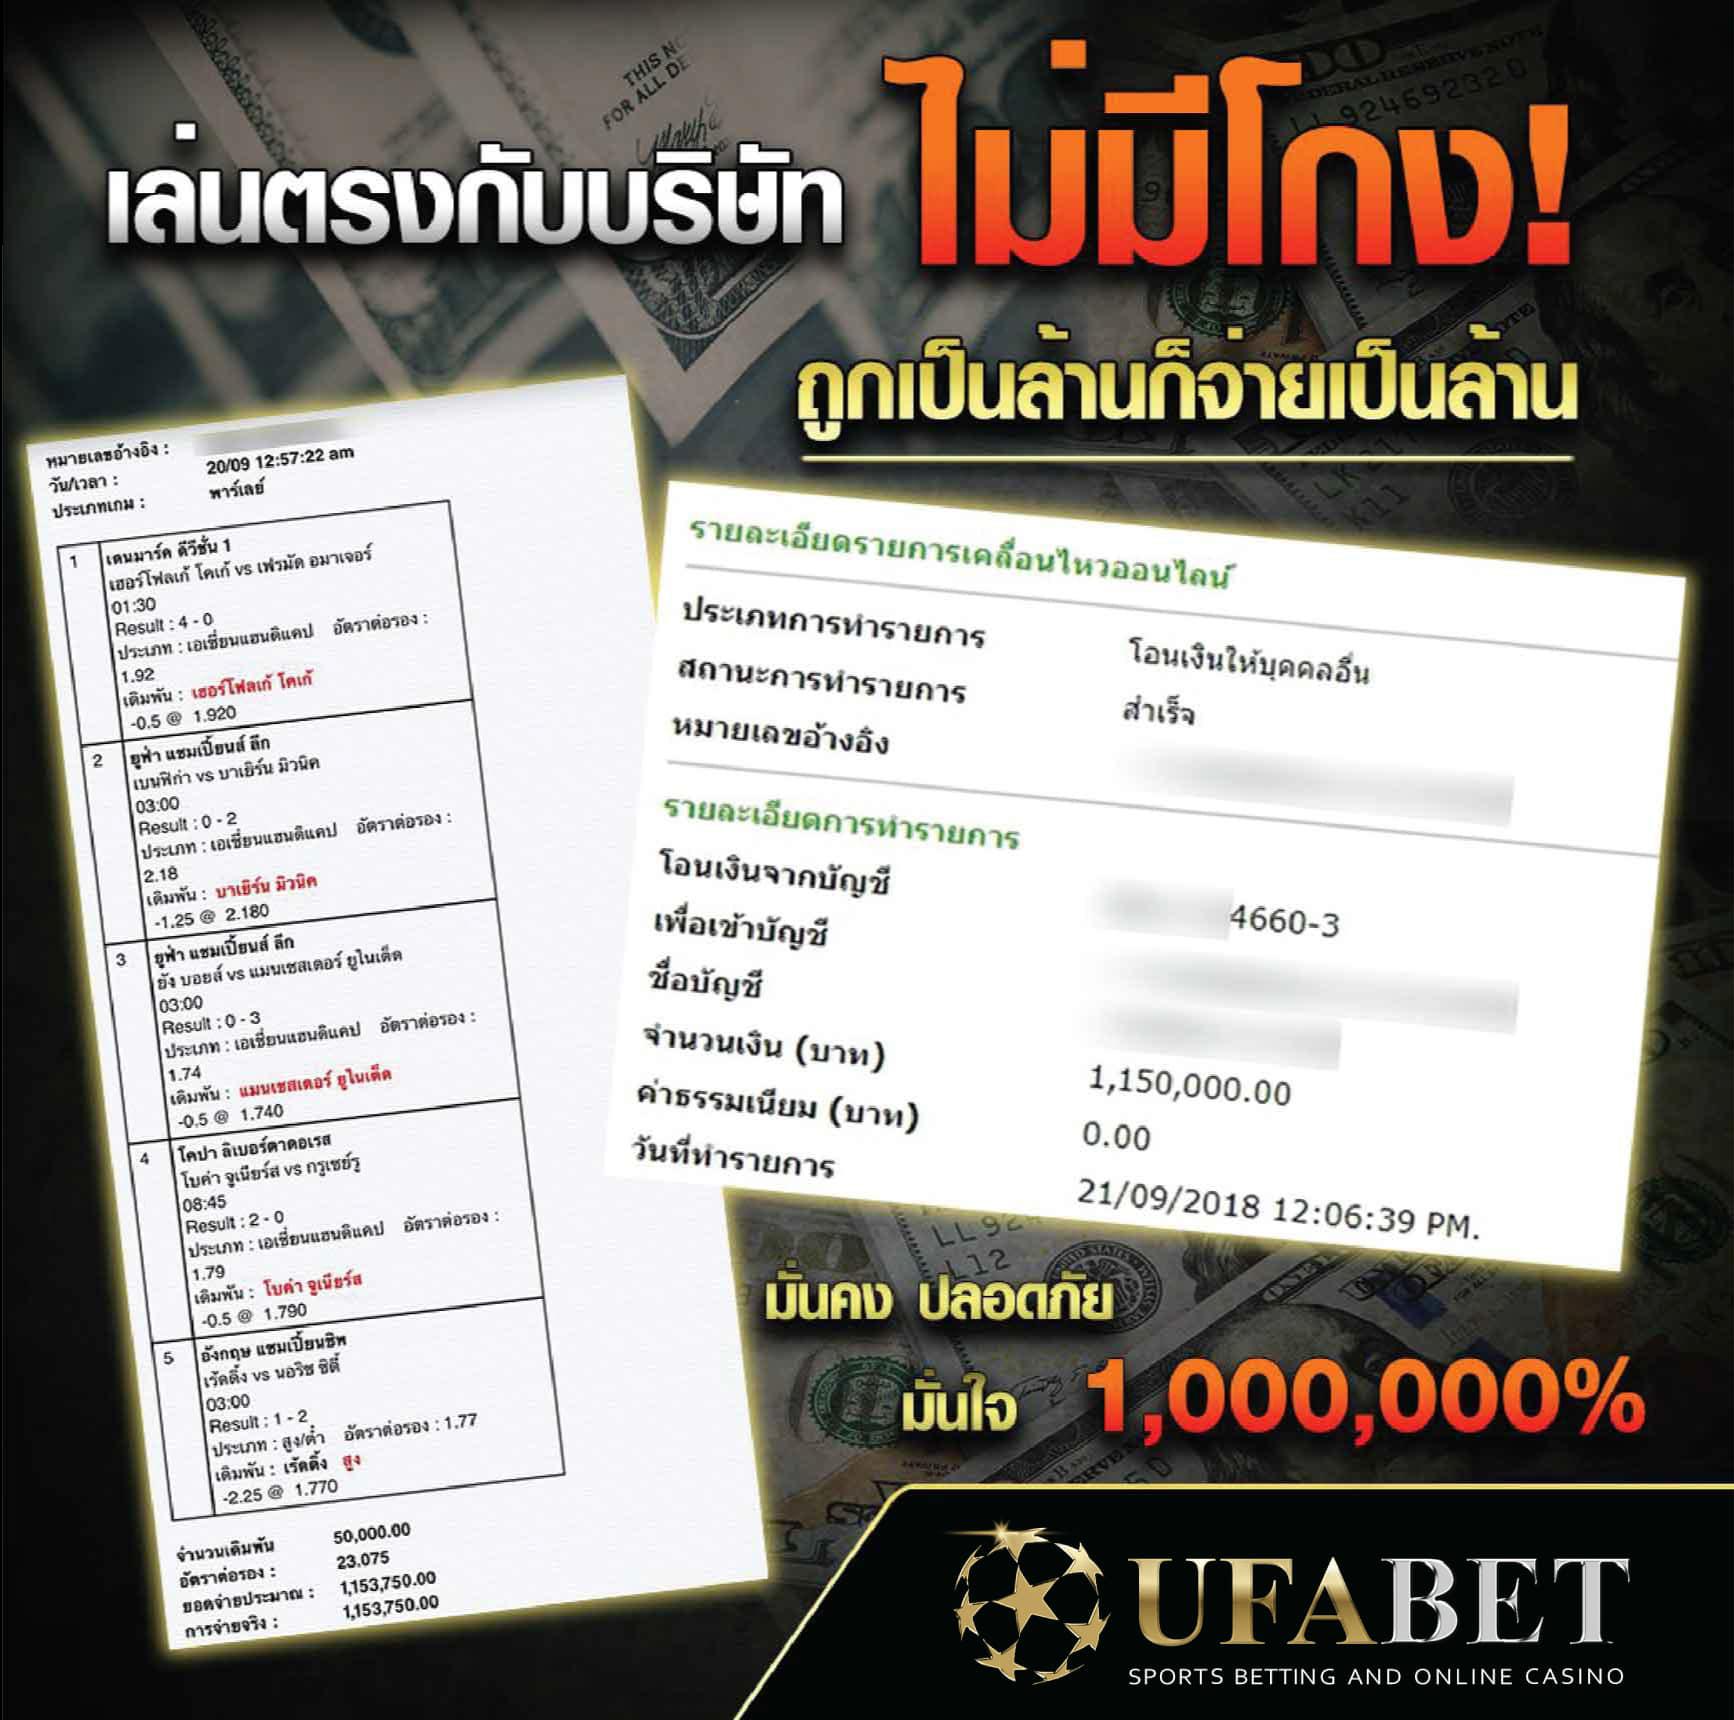 เล่นกับ UFABET ไม่มีโกง